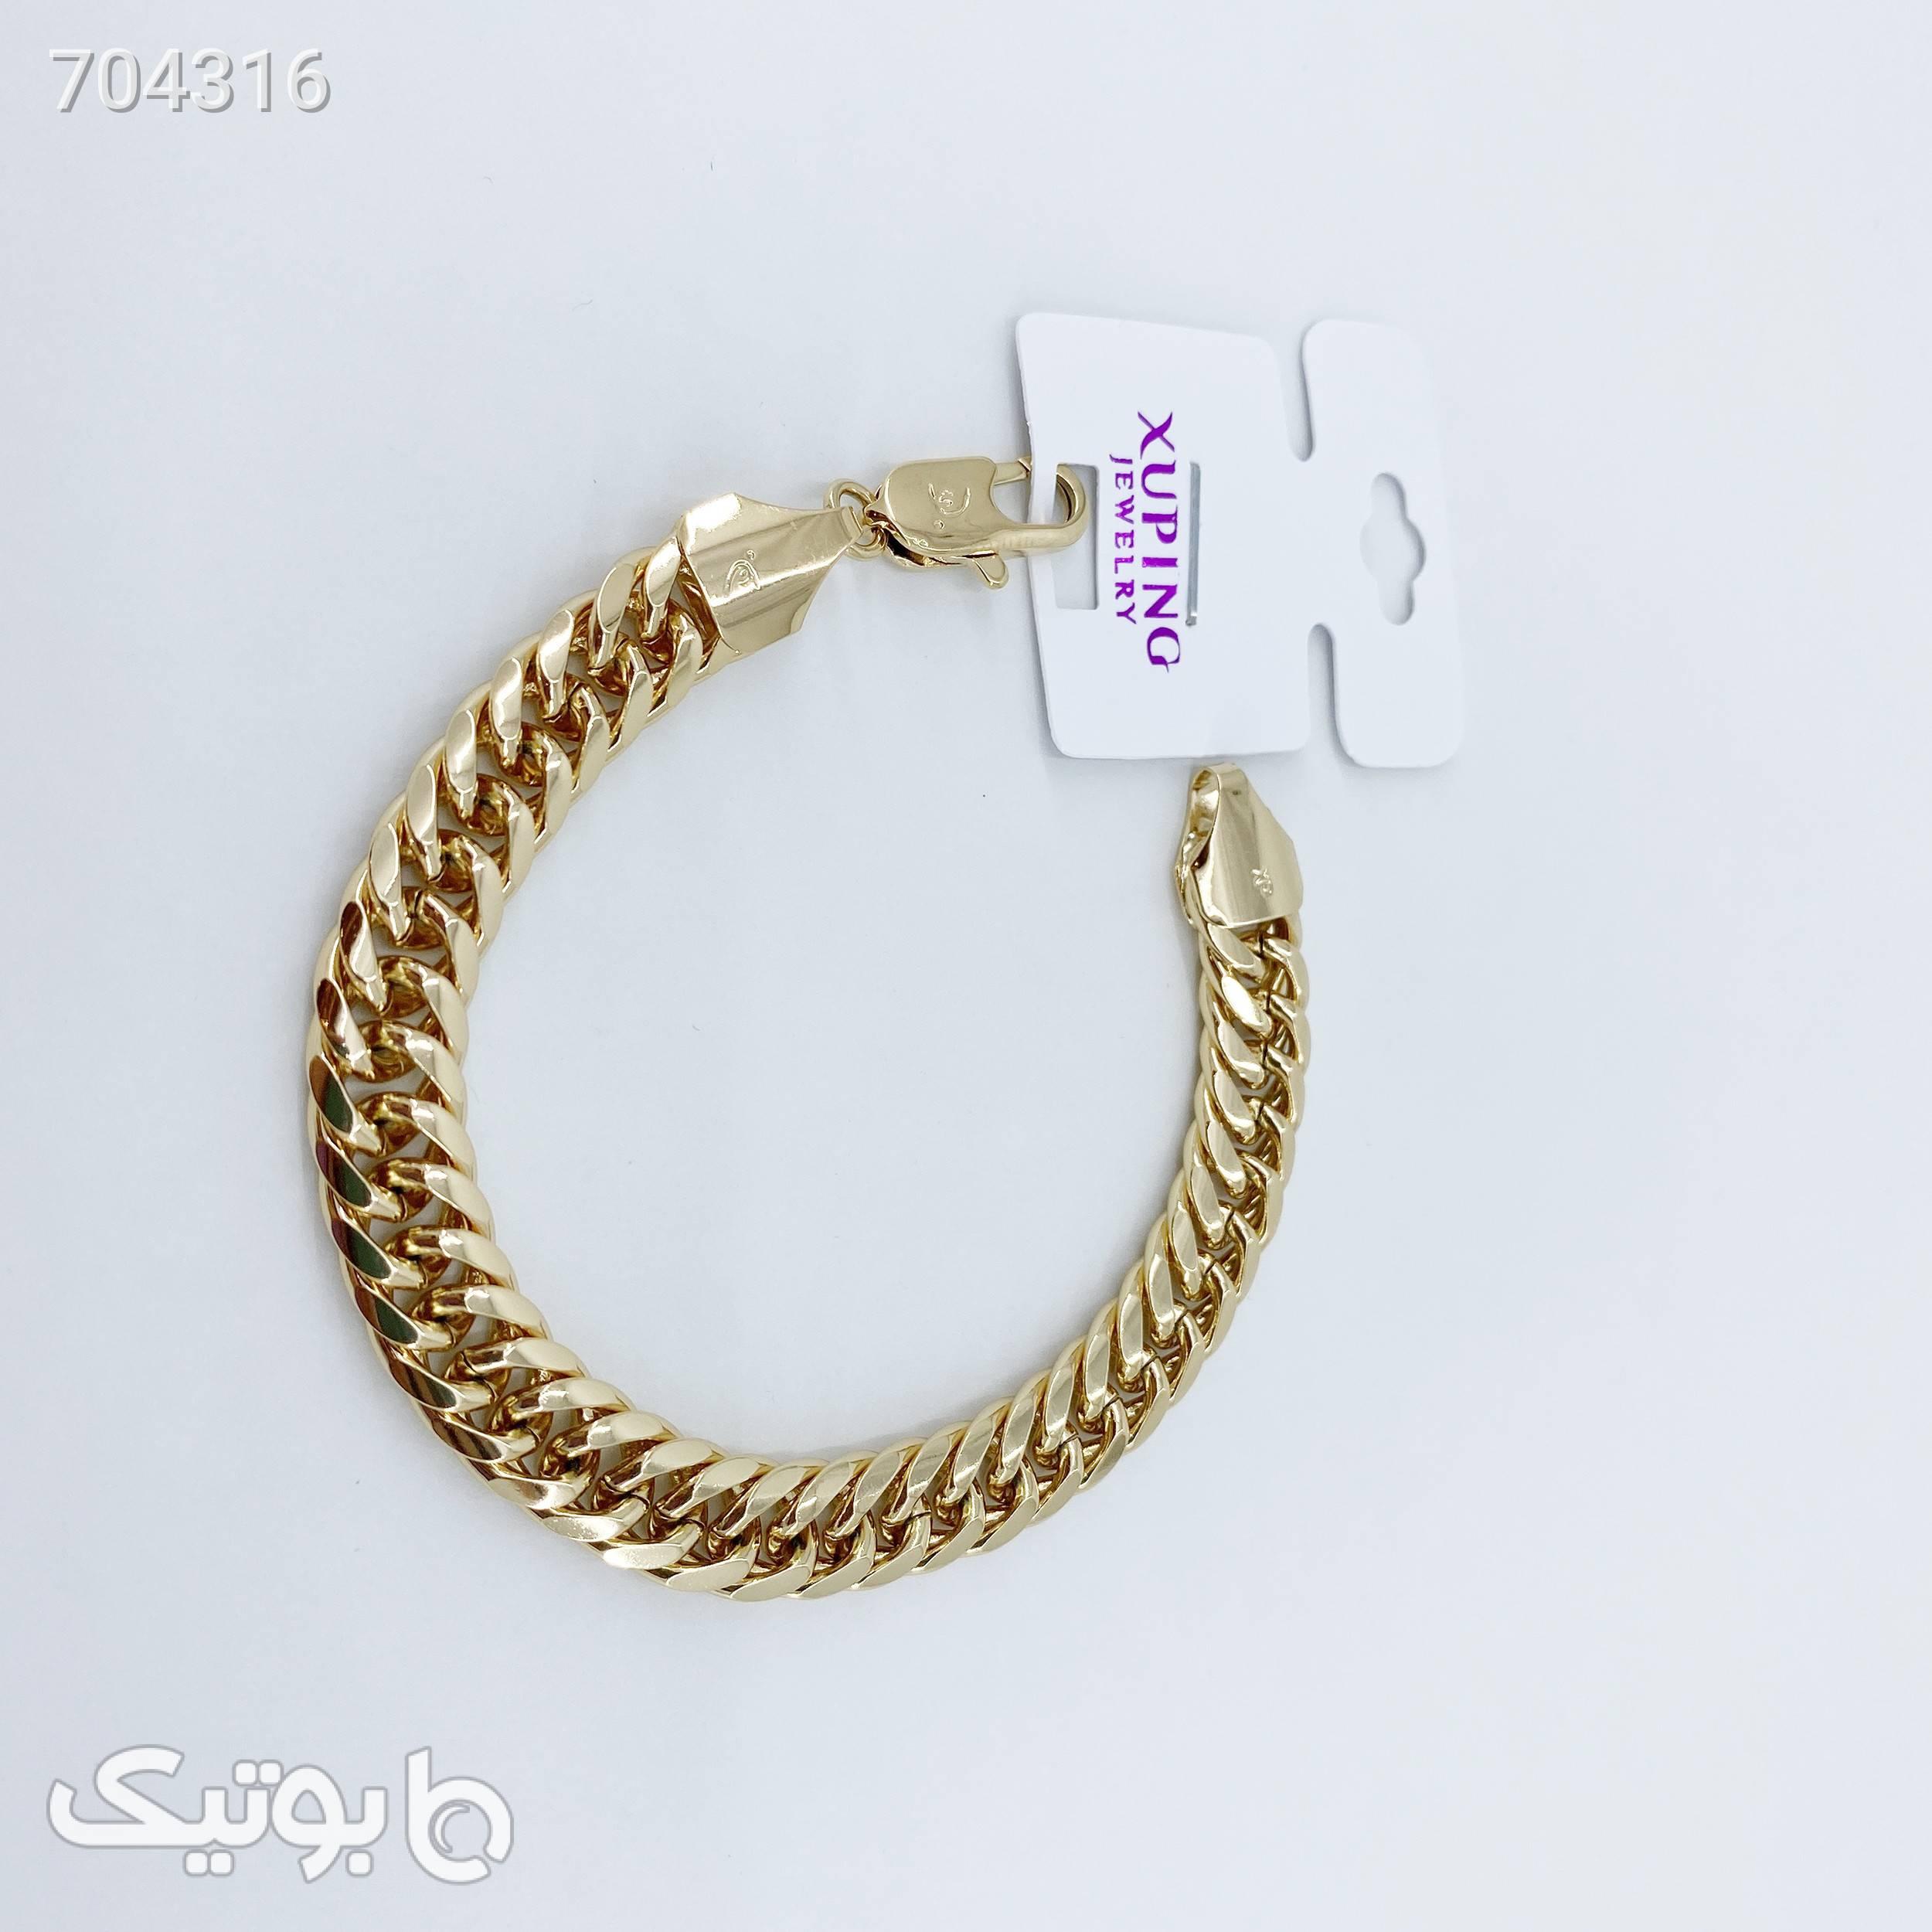 دستبند زنانه ژوپینگ کد B3021 طلایی دستبند و پابند